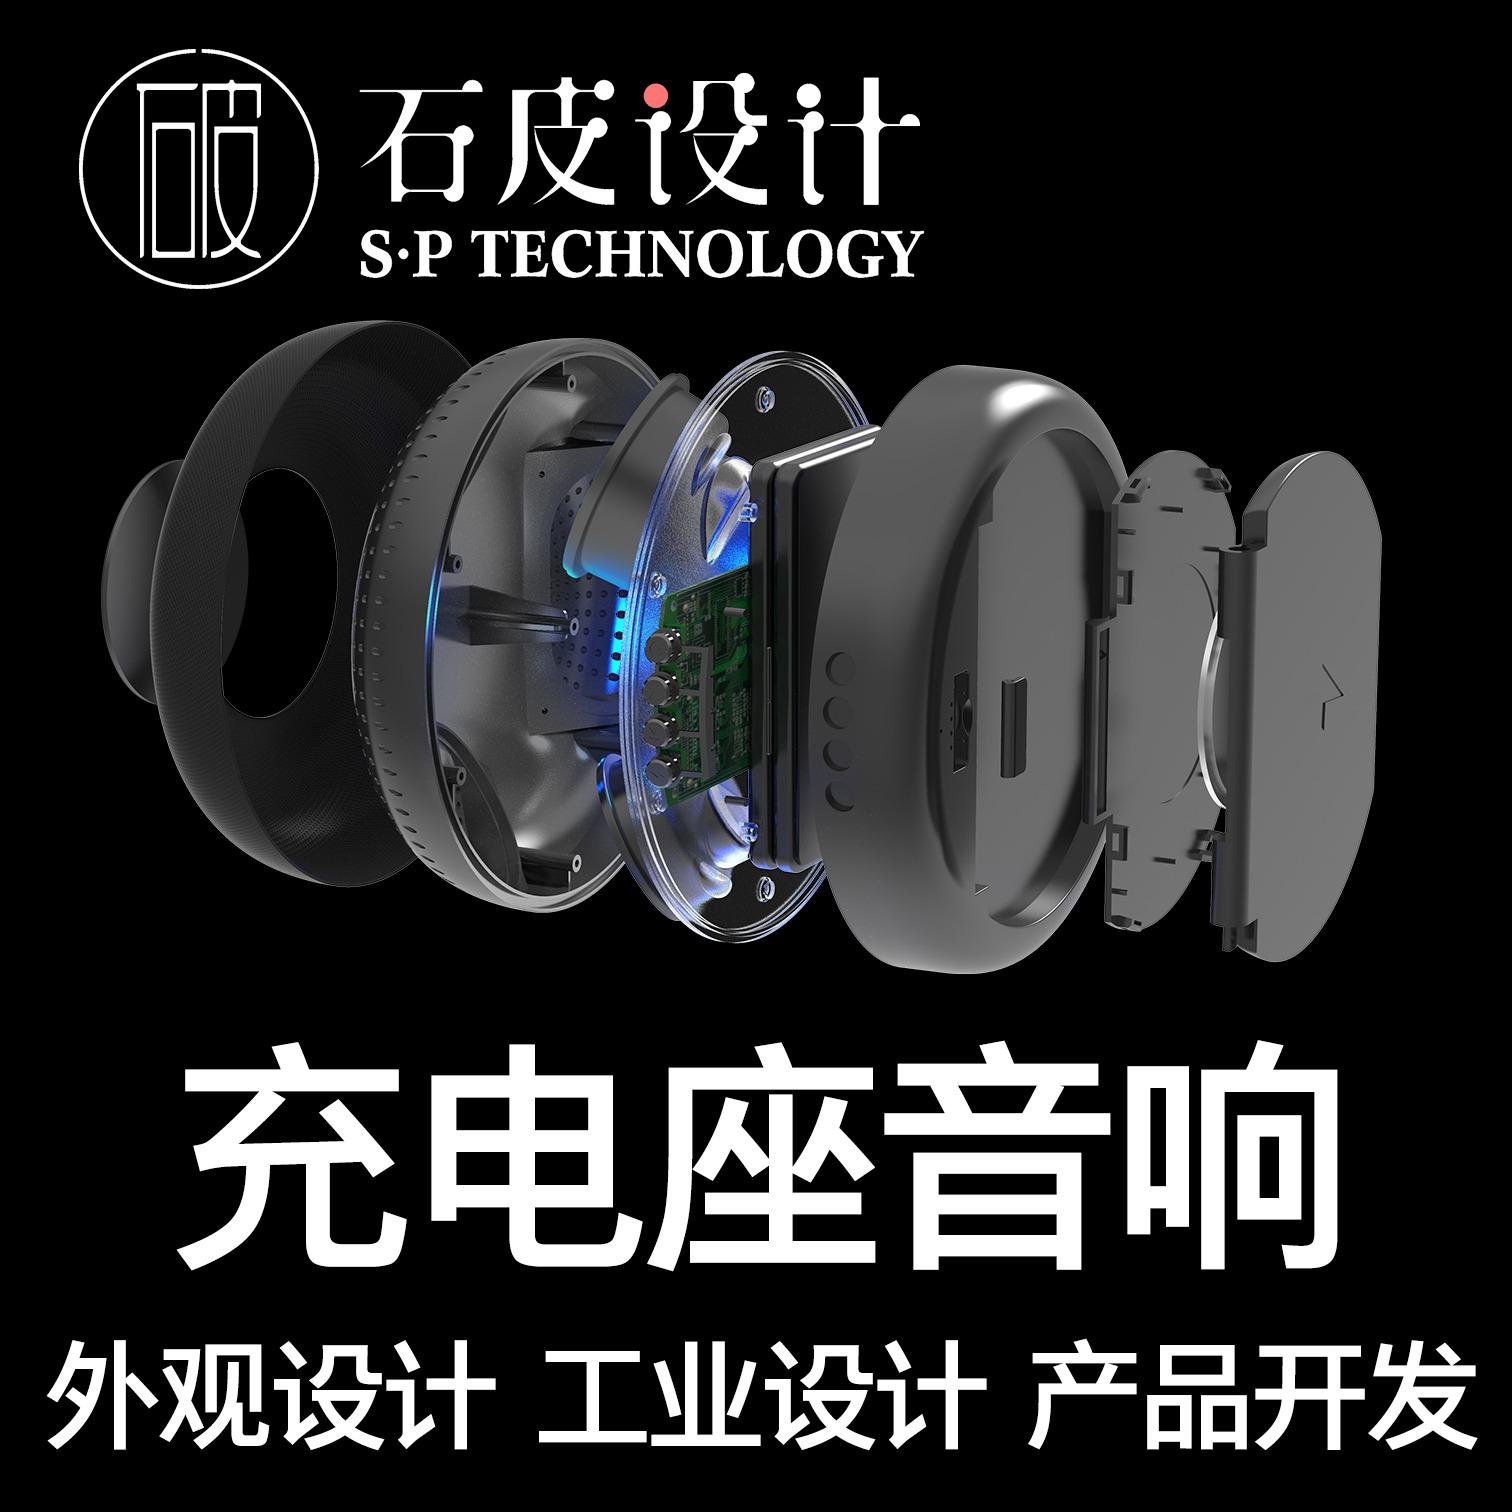 充电座音箱电子数码3C产品外观设计结构开发工业设计图案设计